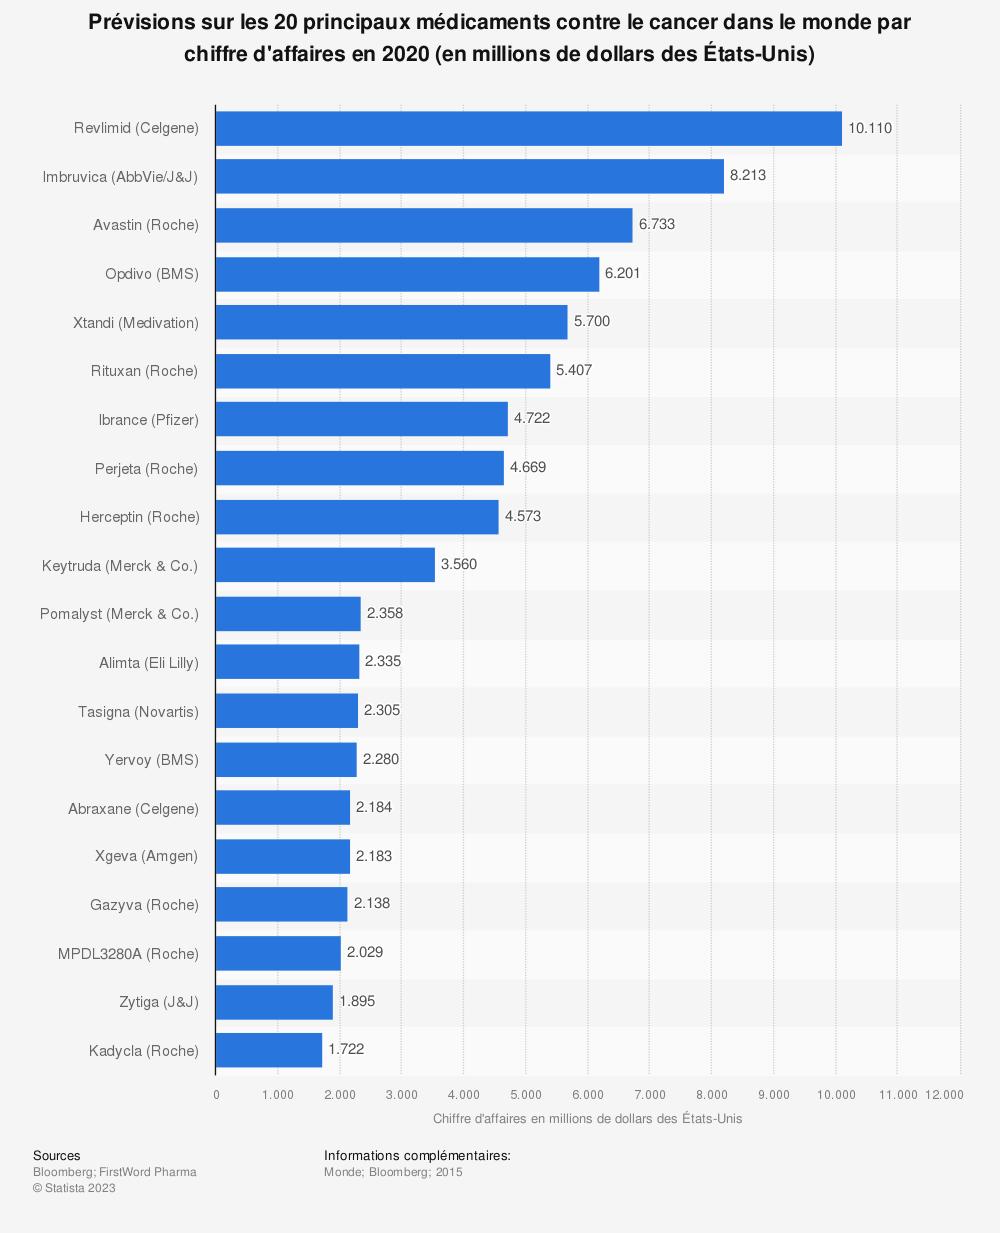 Statistique: Prévisions sur les 20 principaux médicaments contre le cancer dans le monde par chiffre d'affaires en 2020 (en millions de dollars des États-Unis) | Statista